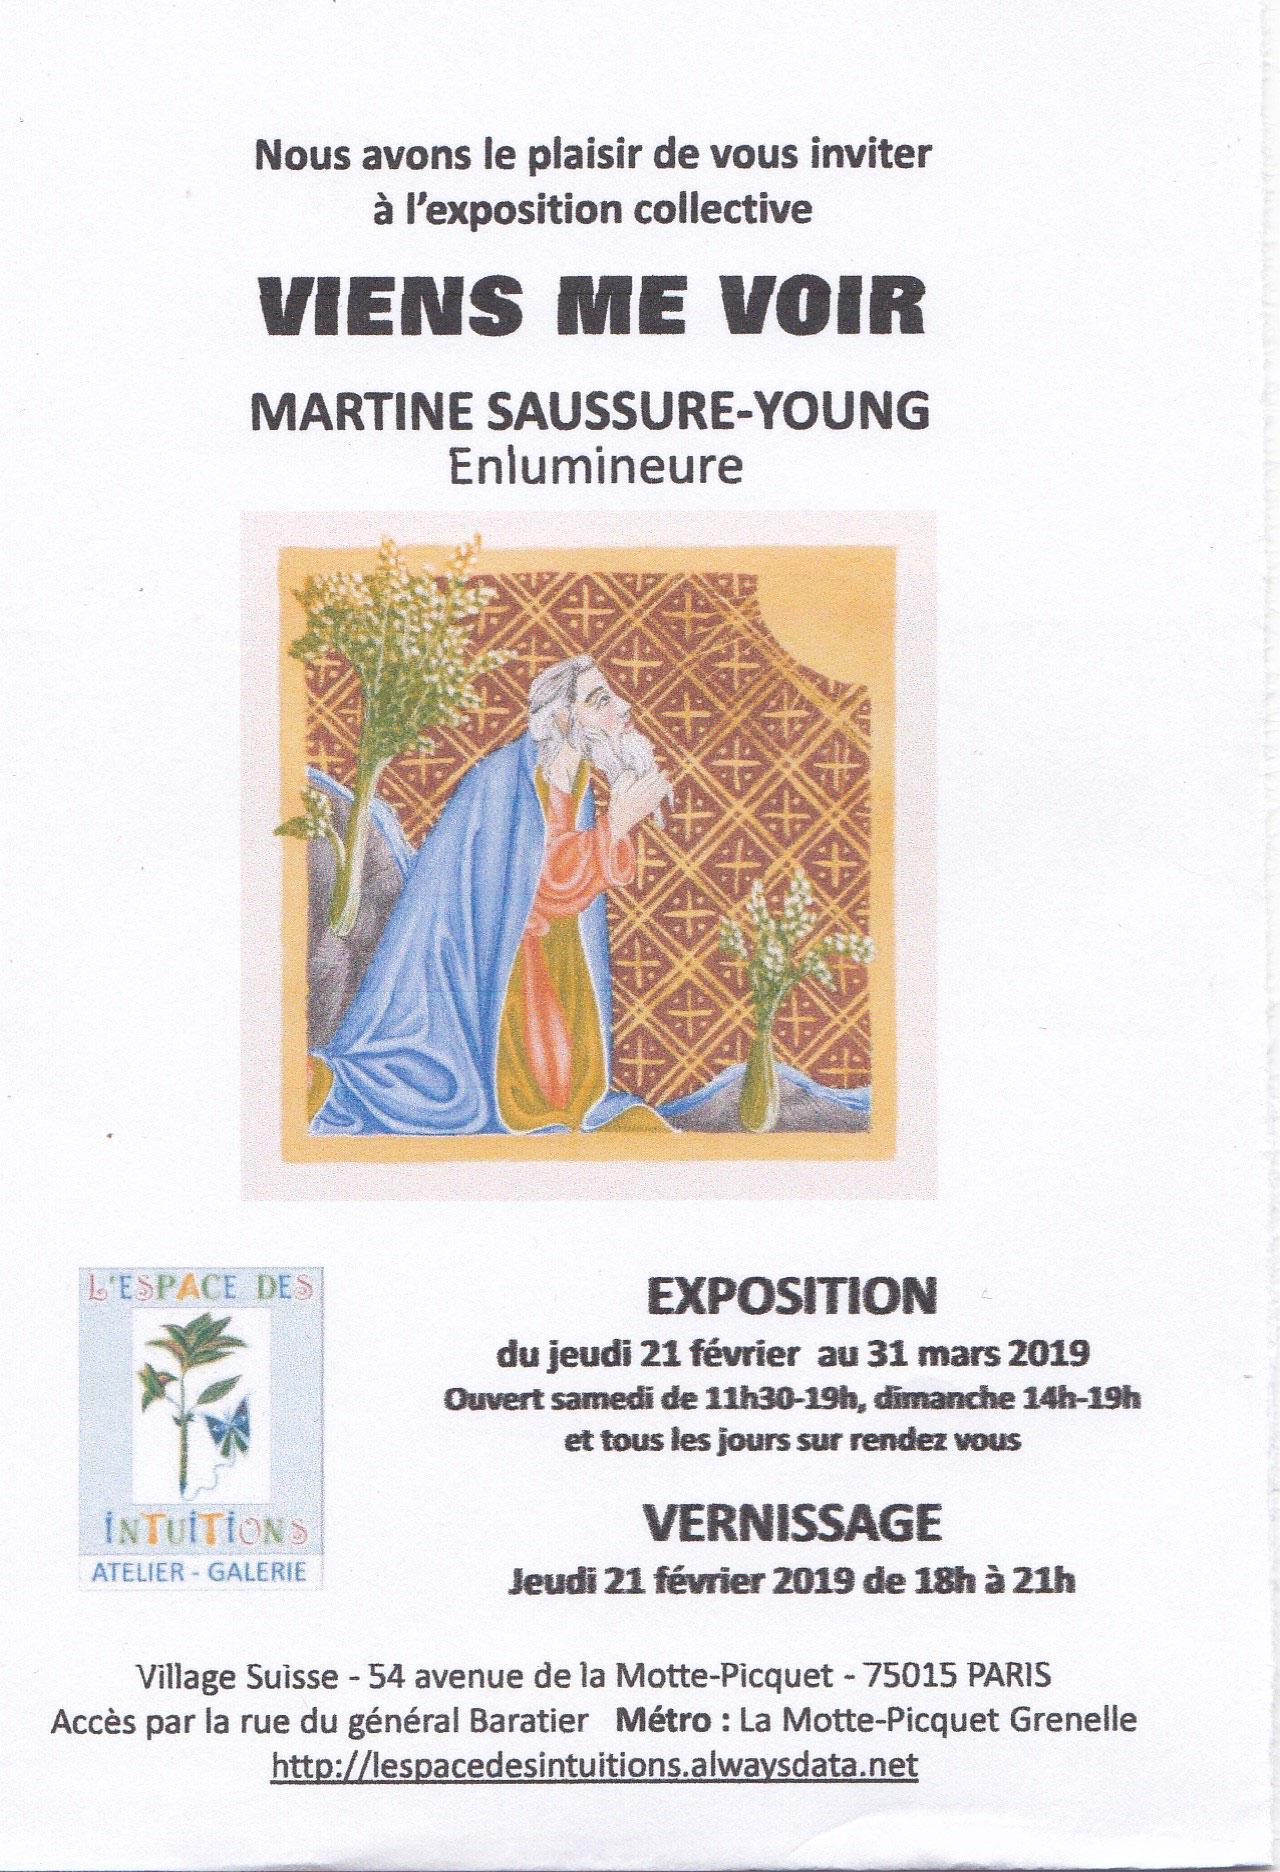 Vernissage 21 fevrier 2019 de l'exposition d'enluminures religieuses de Martine Saussure-Young